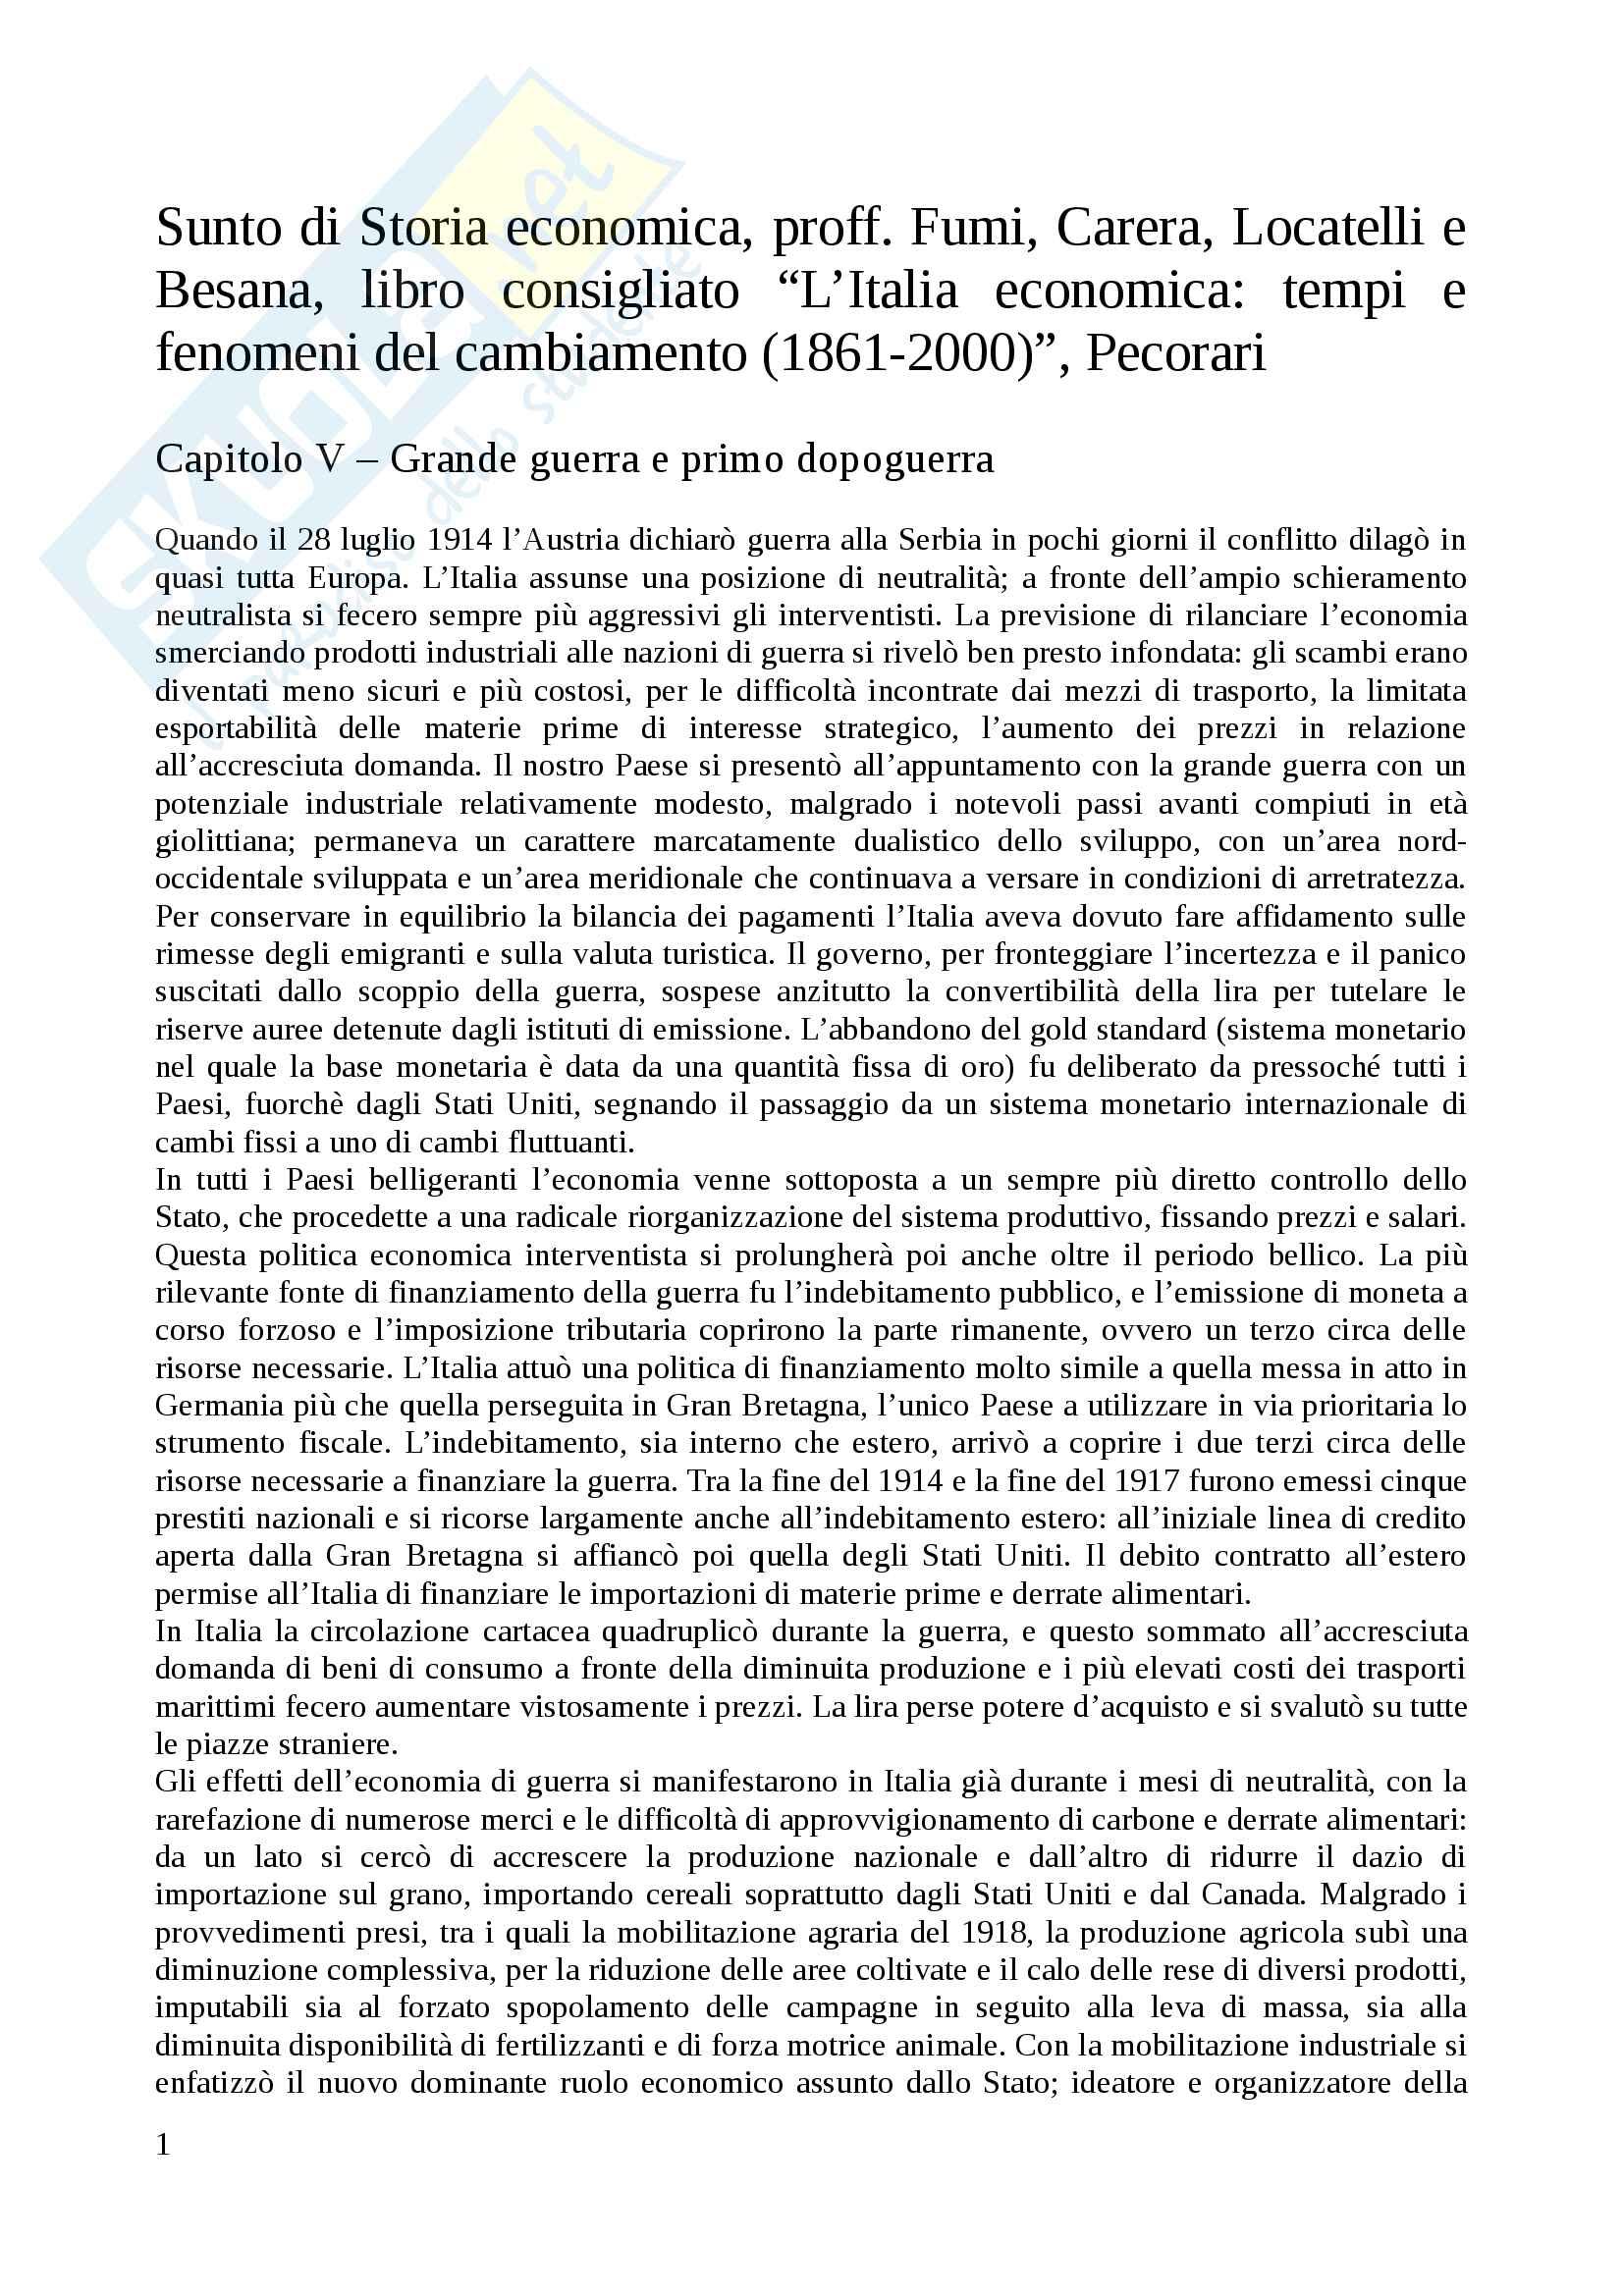 Riassunto esame Storia economica, proff. Fumi, Carera, Locatelli e Besana, libro consigliato L'Italia economica: tempi e fenomeni del cambiamento (1861-2000), Pecorari